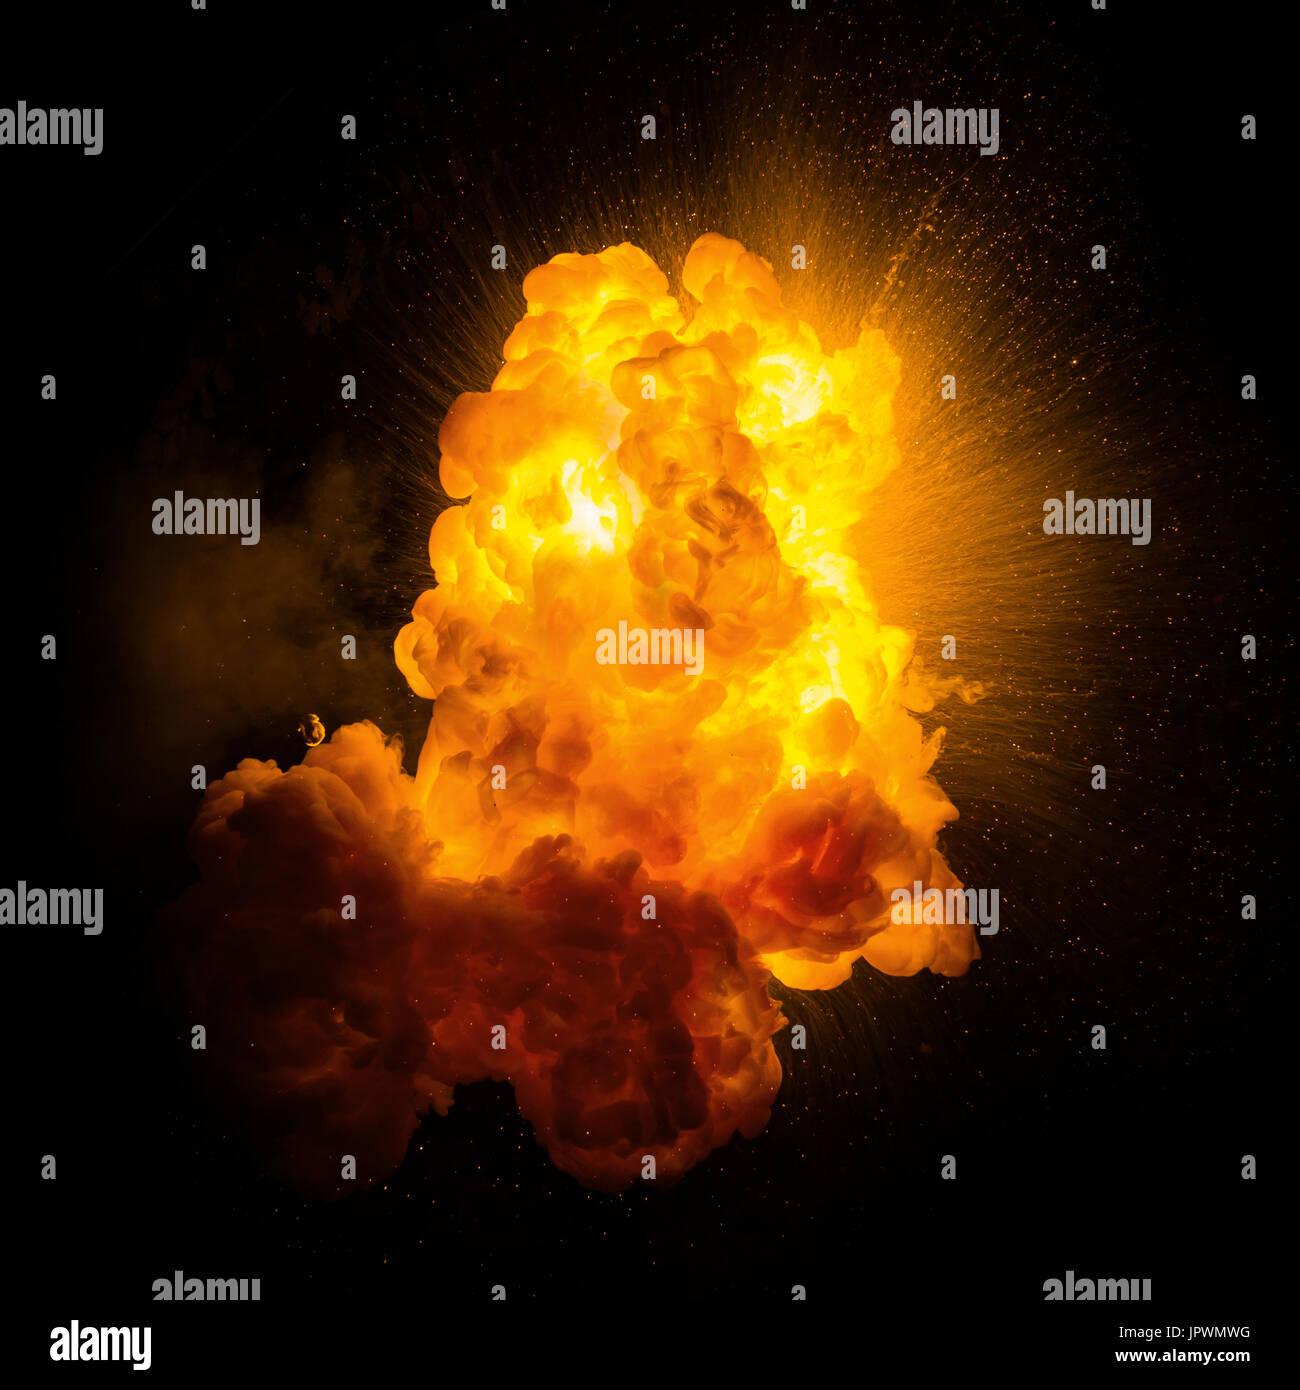 fiery r u00e9alistes avec une explosion d u0026 39  u00e9tincelles sur un